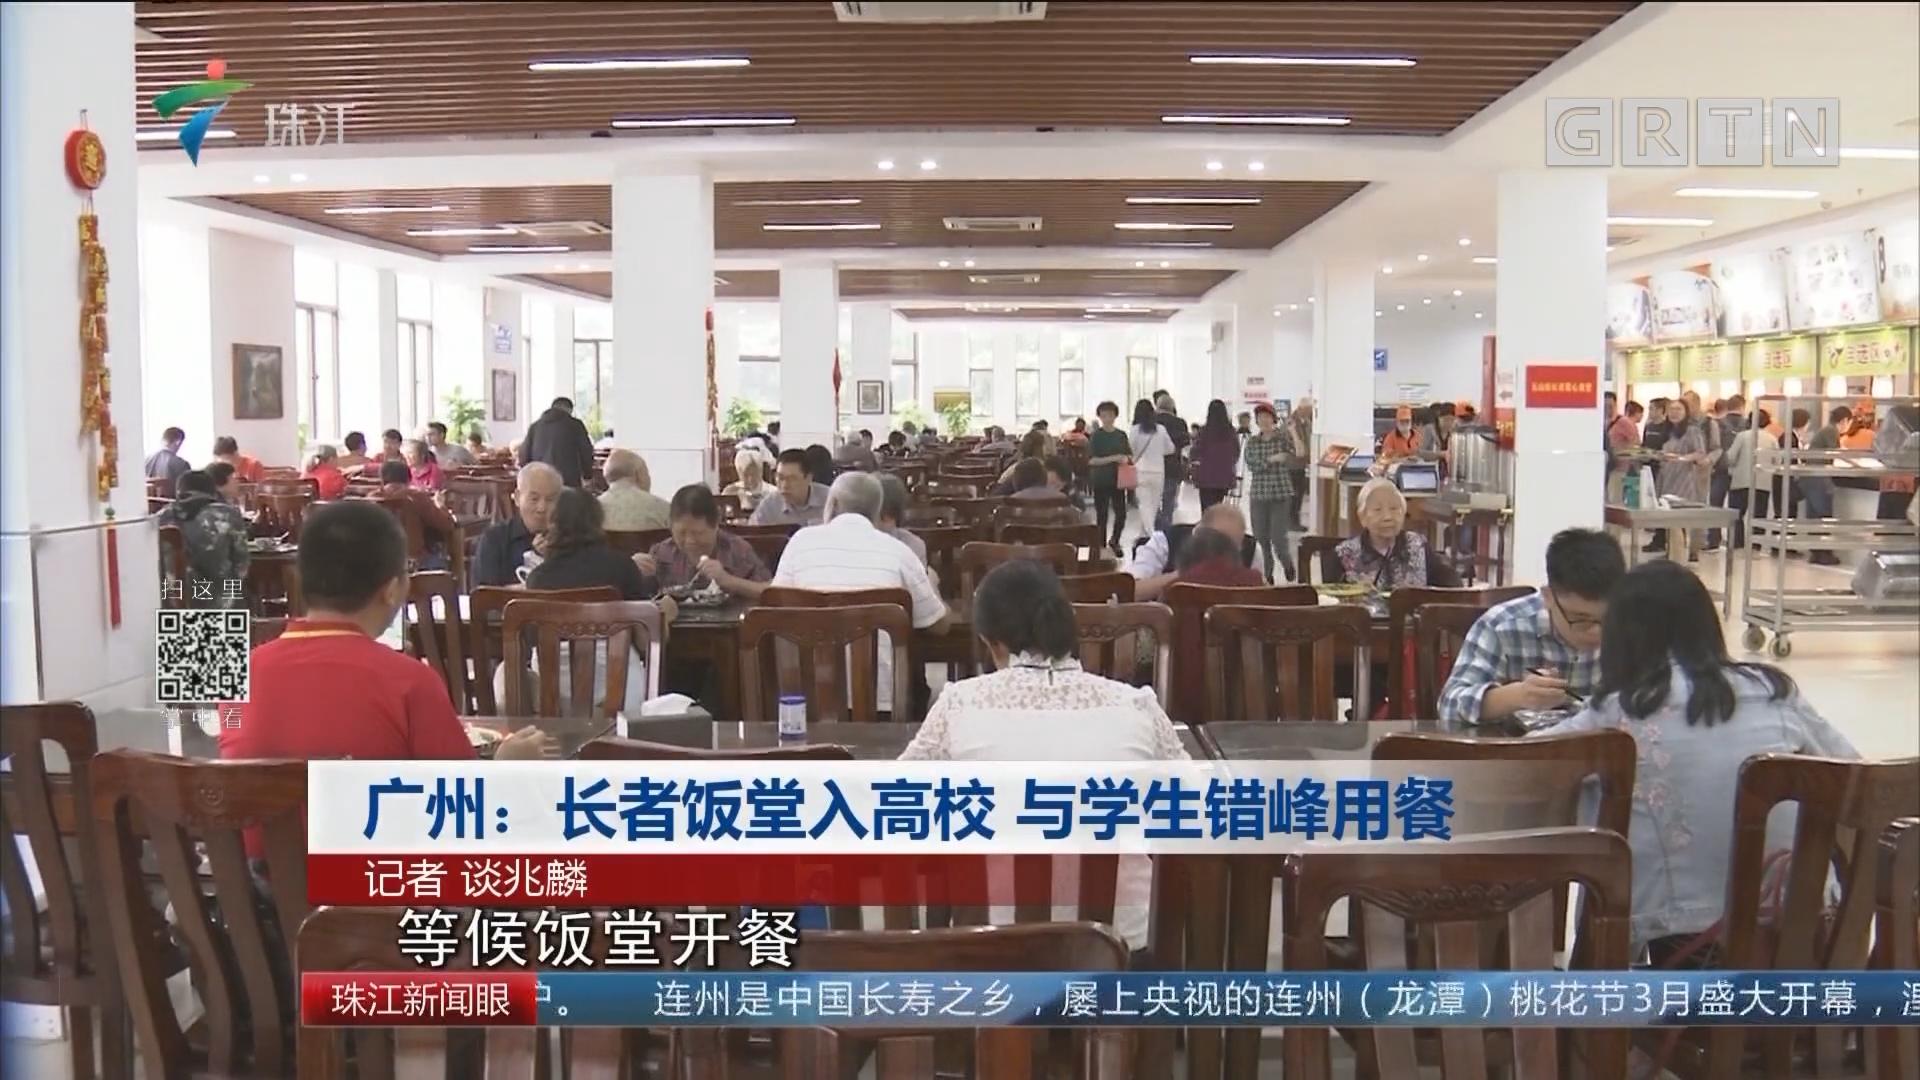 广州:长者饭堂入高校 与学生错峰用餐